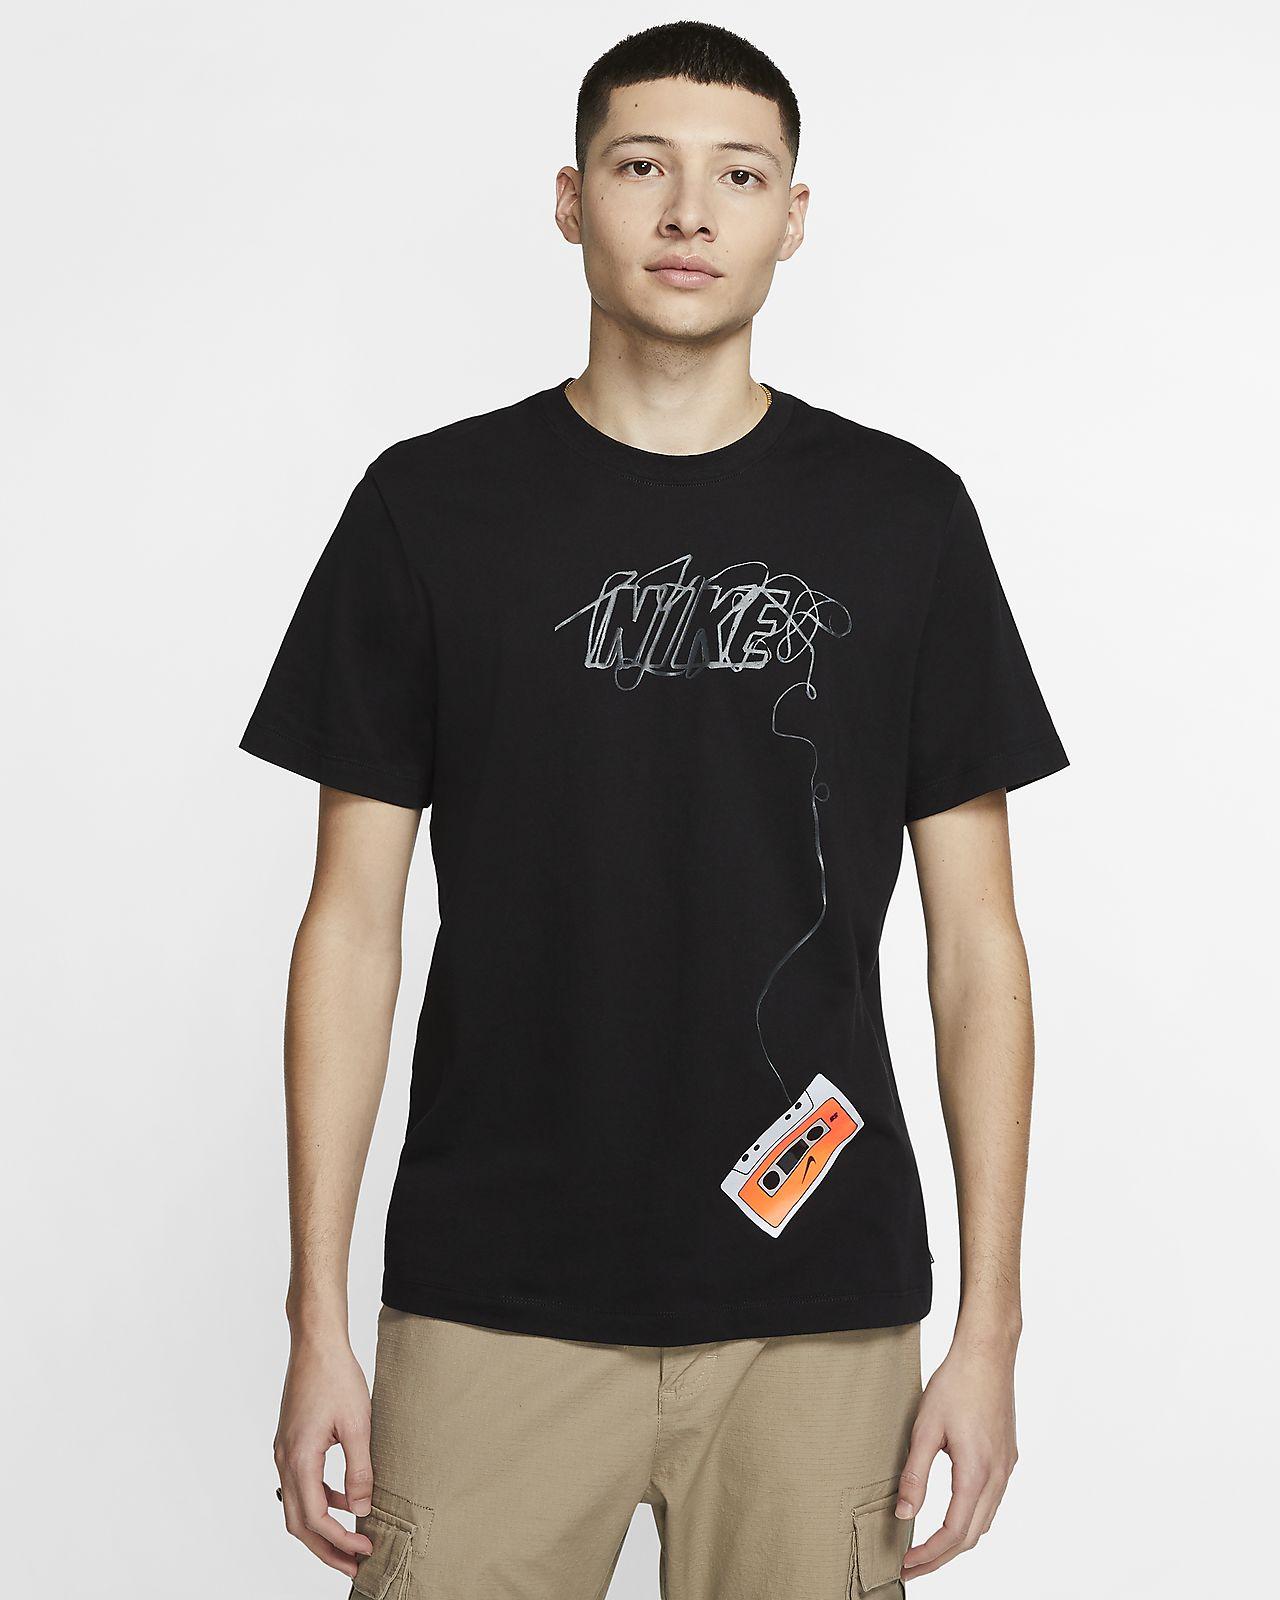 Męski T shirt do skateboardingu Nike SB